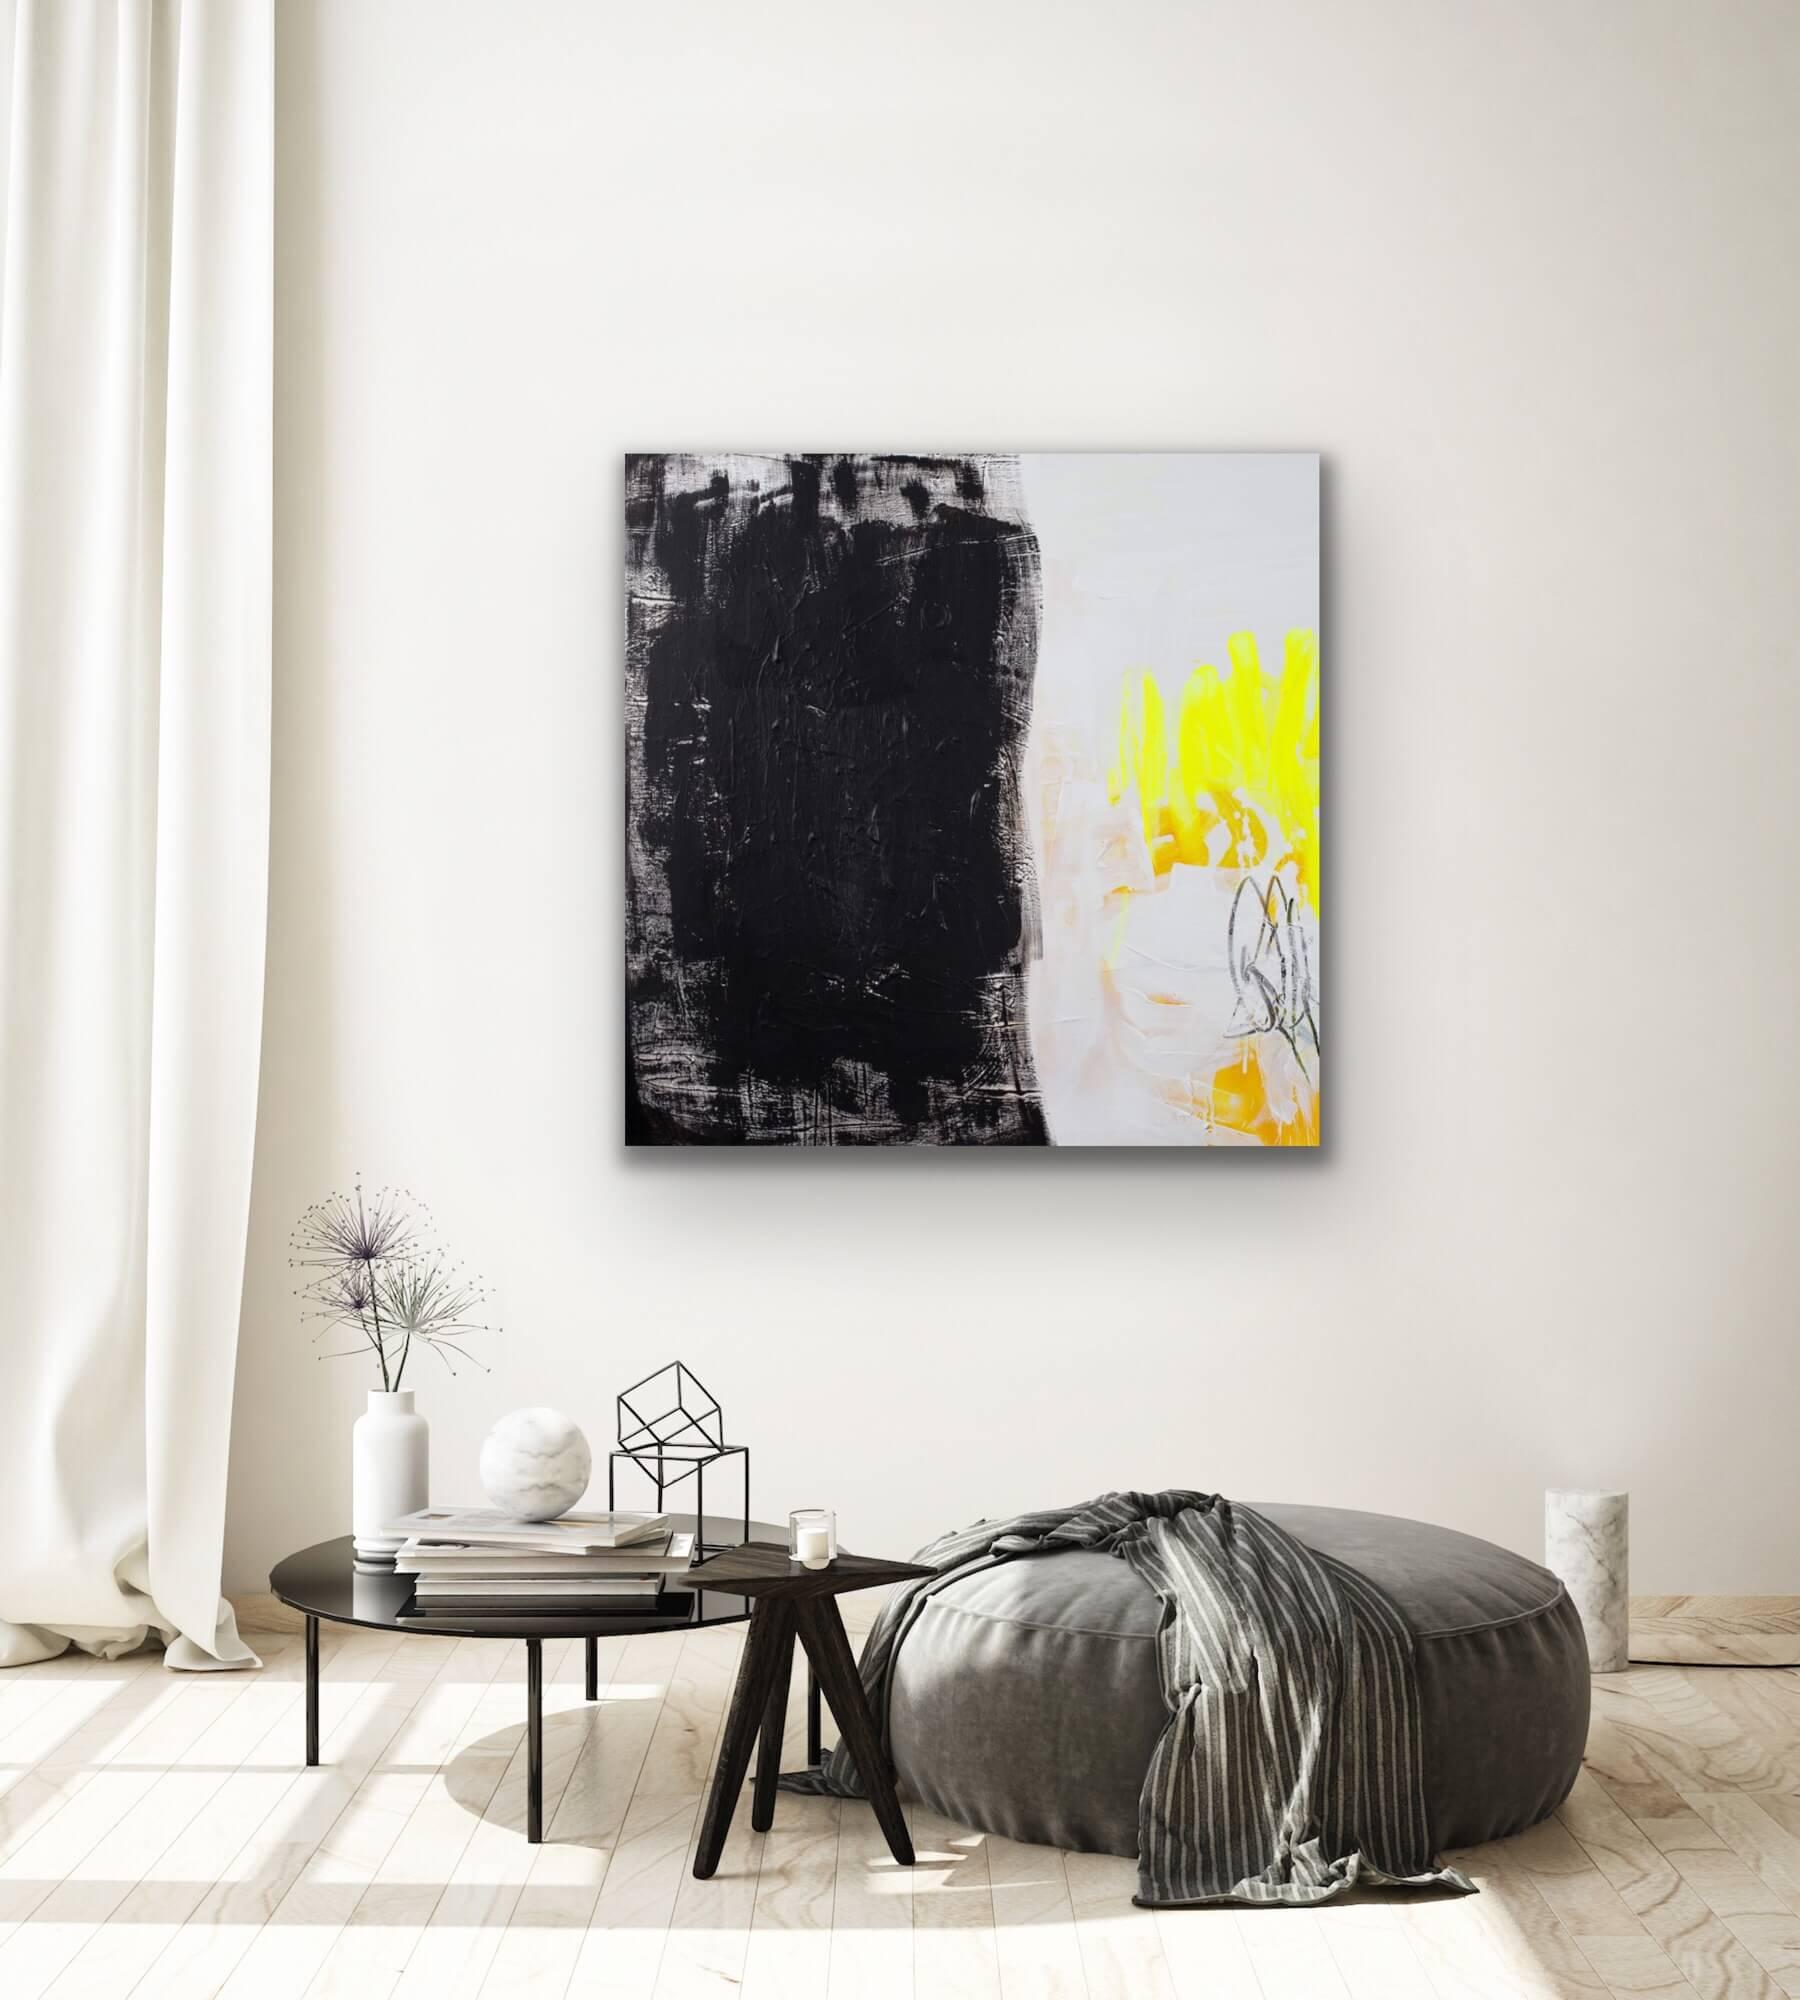 masterpiece pandoras box contemporary artwork artcollector artandinteriordesign Petronilla HohenwARTer